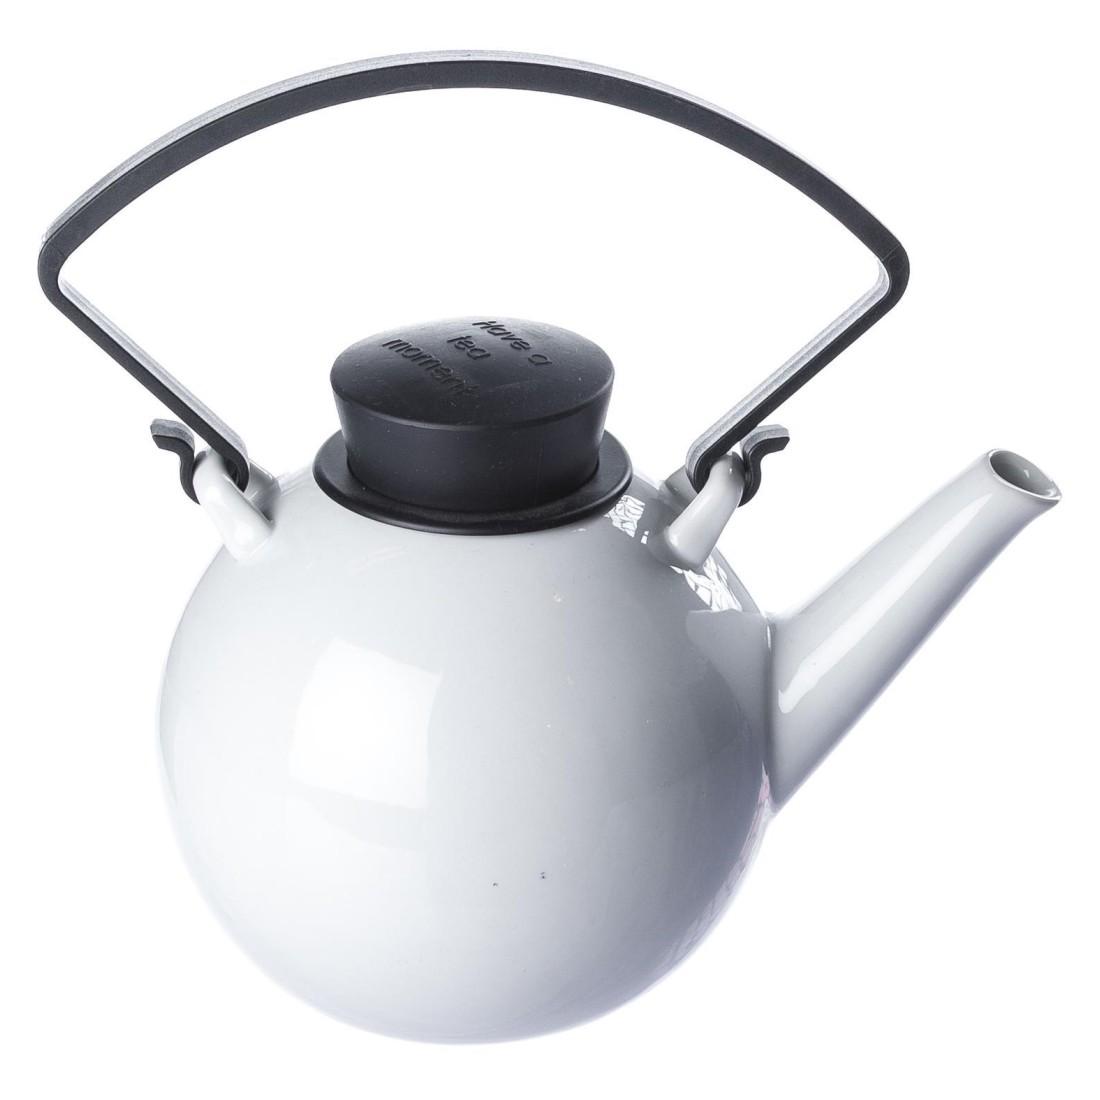 Teekanne Bowl mit abnehmbarem Griff – Porzellan – Schwarz, Qdo günstig bestellen